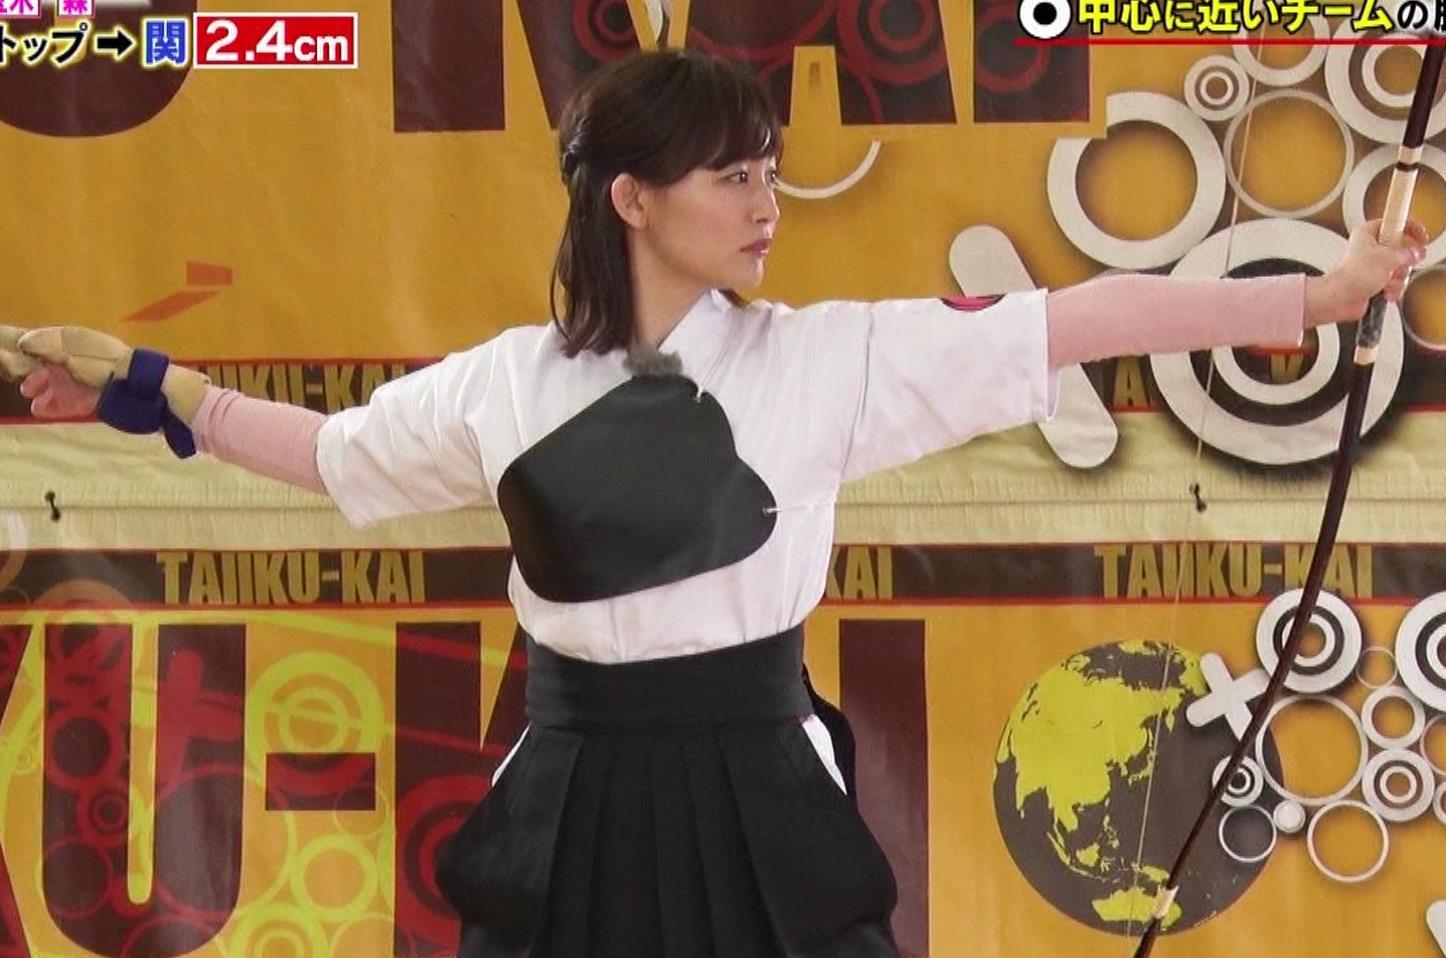 新井恵理那 弓道の袴姿キャプ・エロ画像6